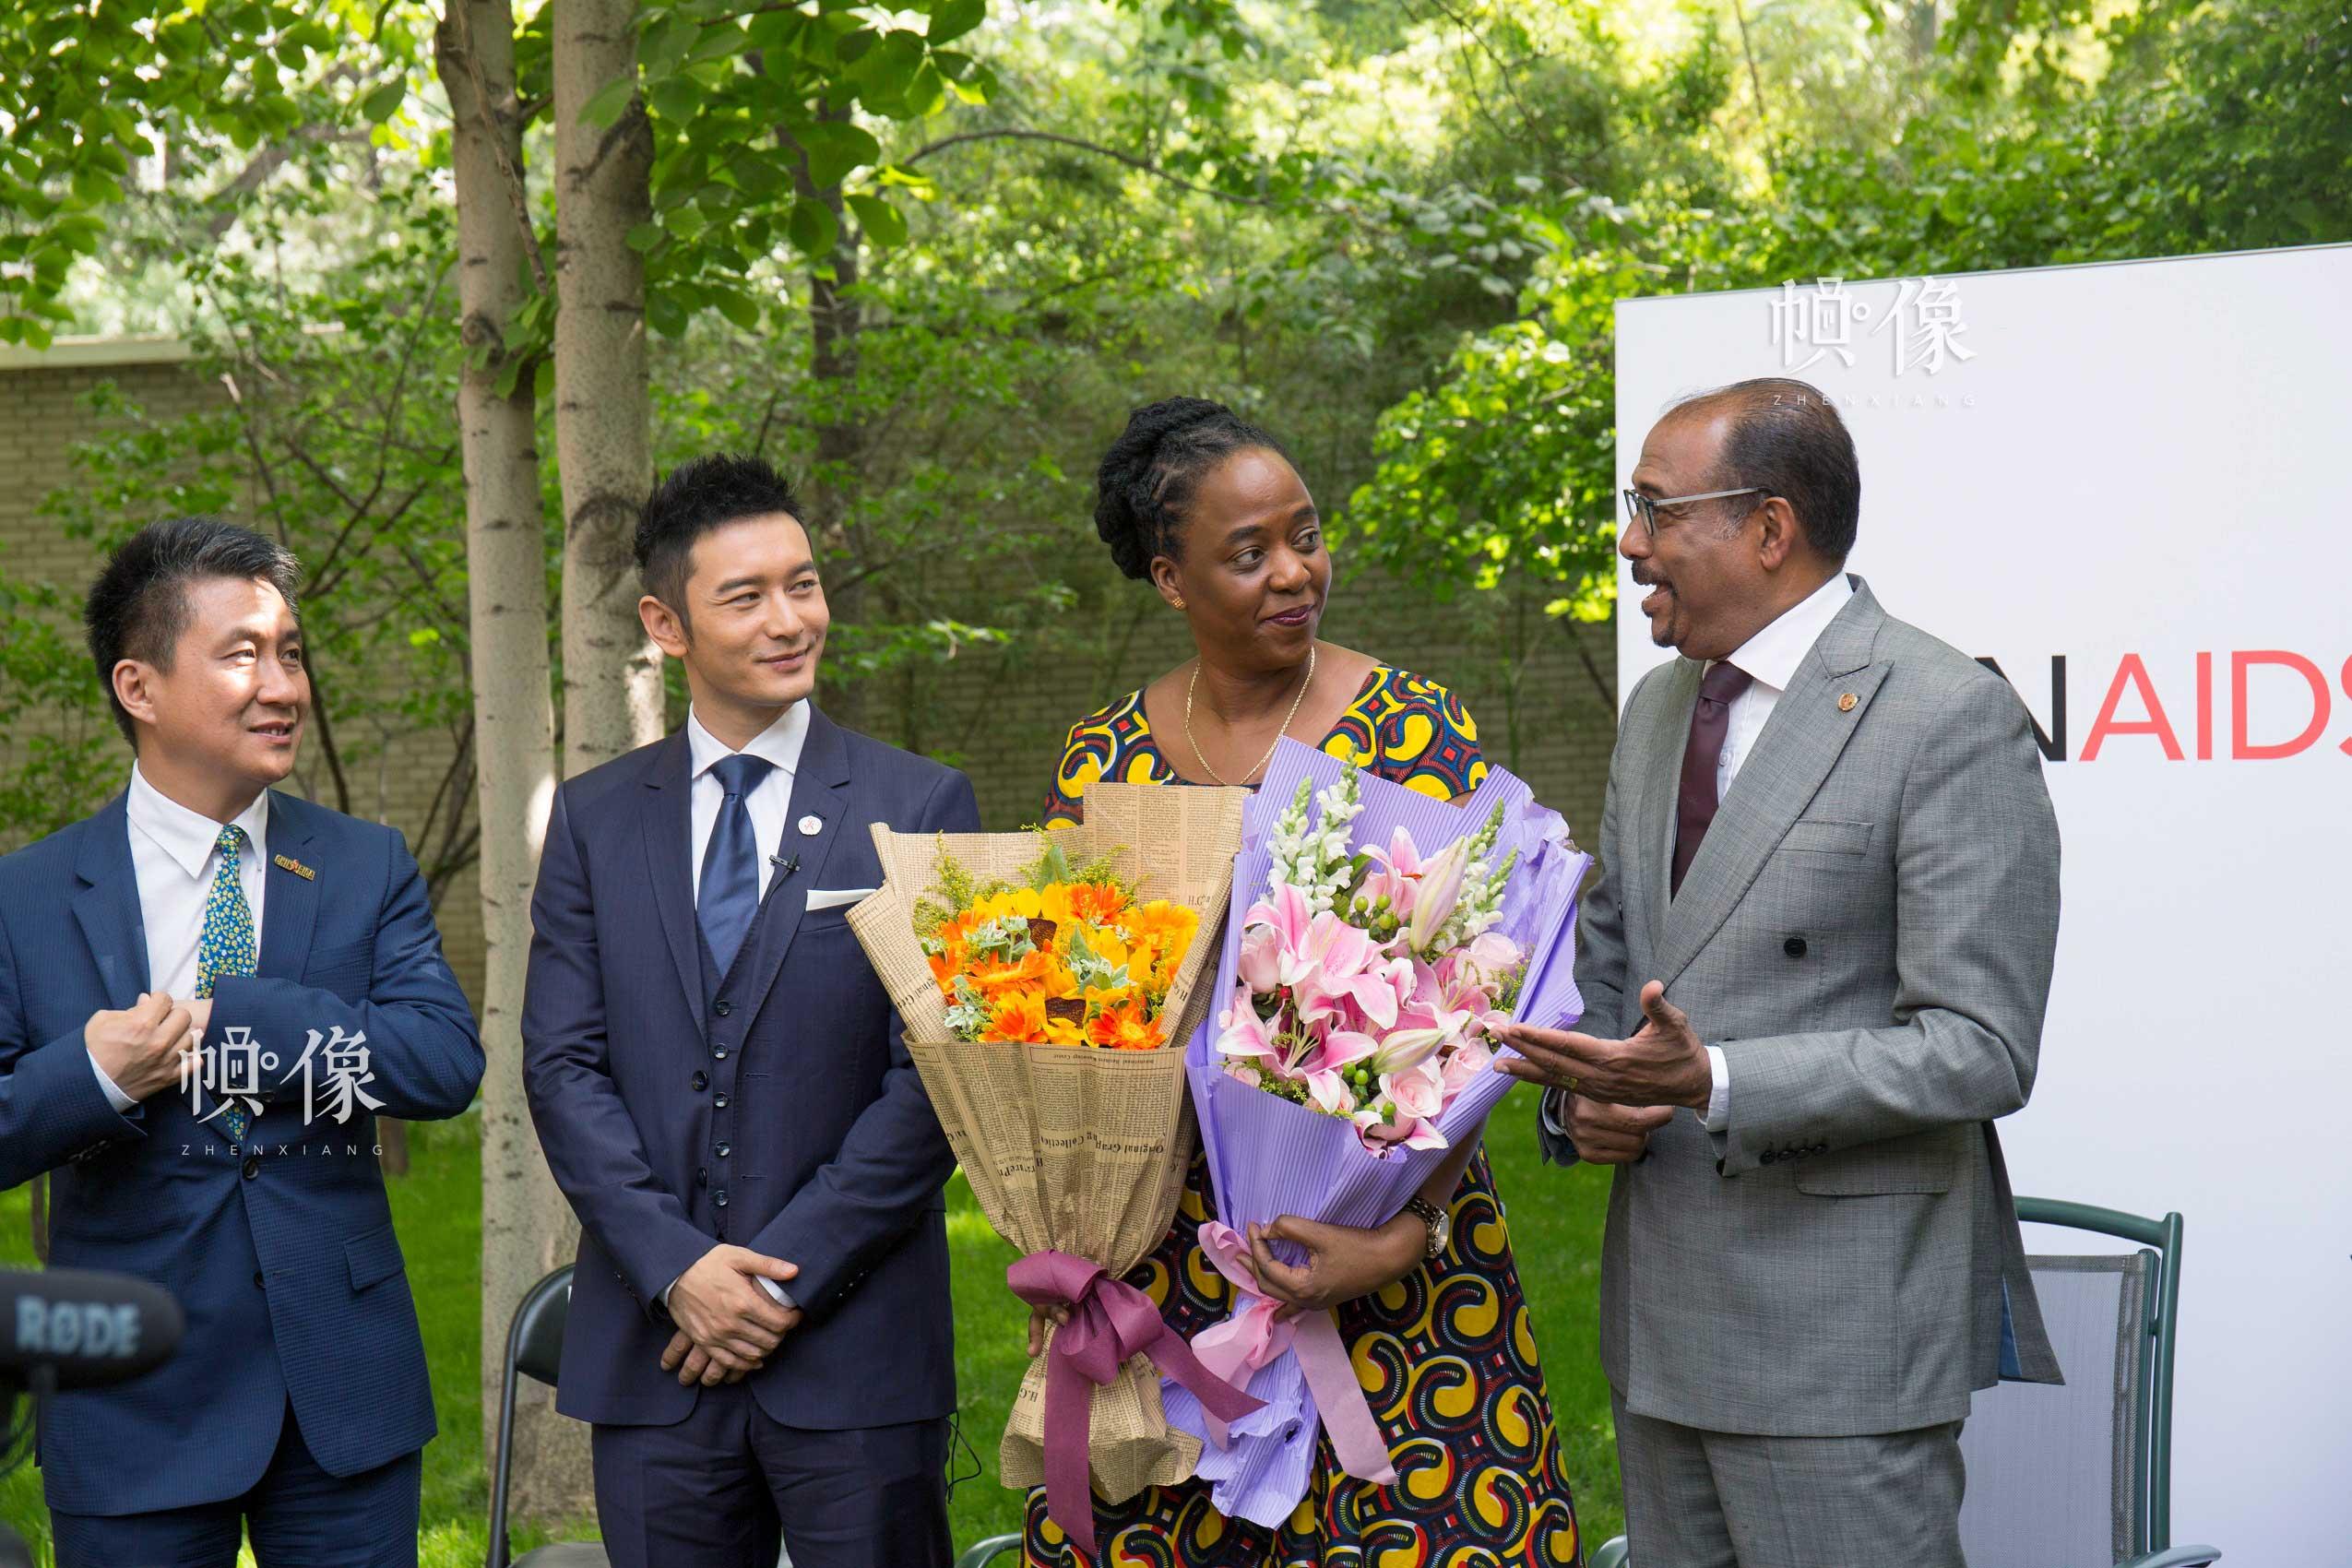 联合国艾滋病规划署驻华代表苏凯琳博士接受献花。中国网记者 高南 摄